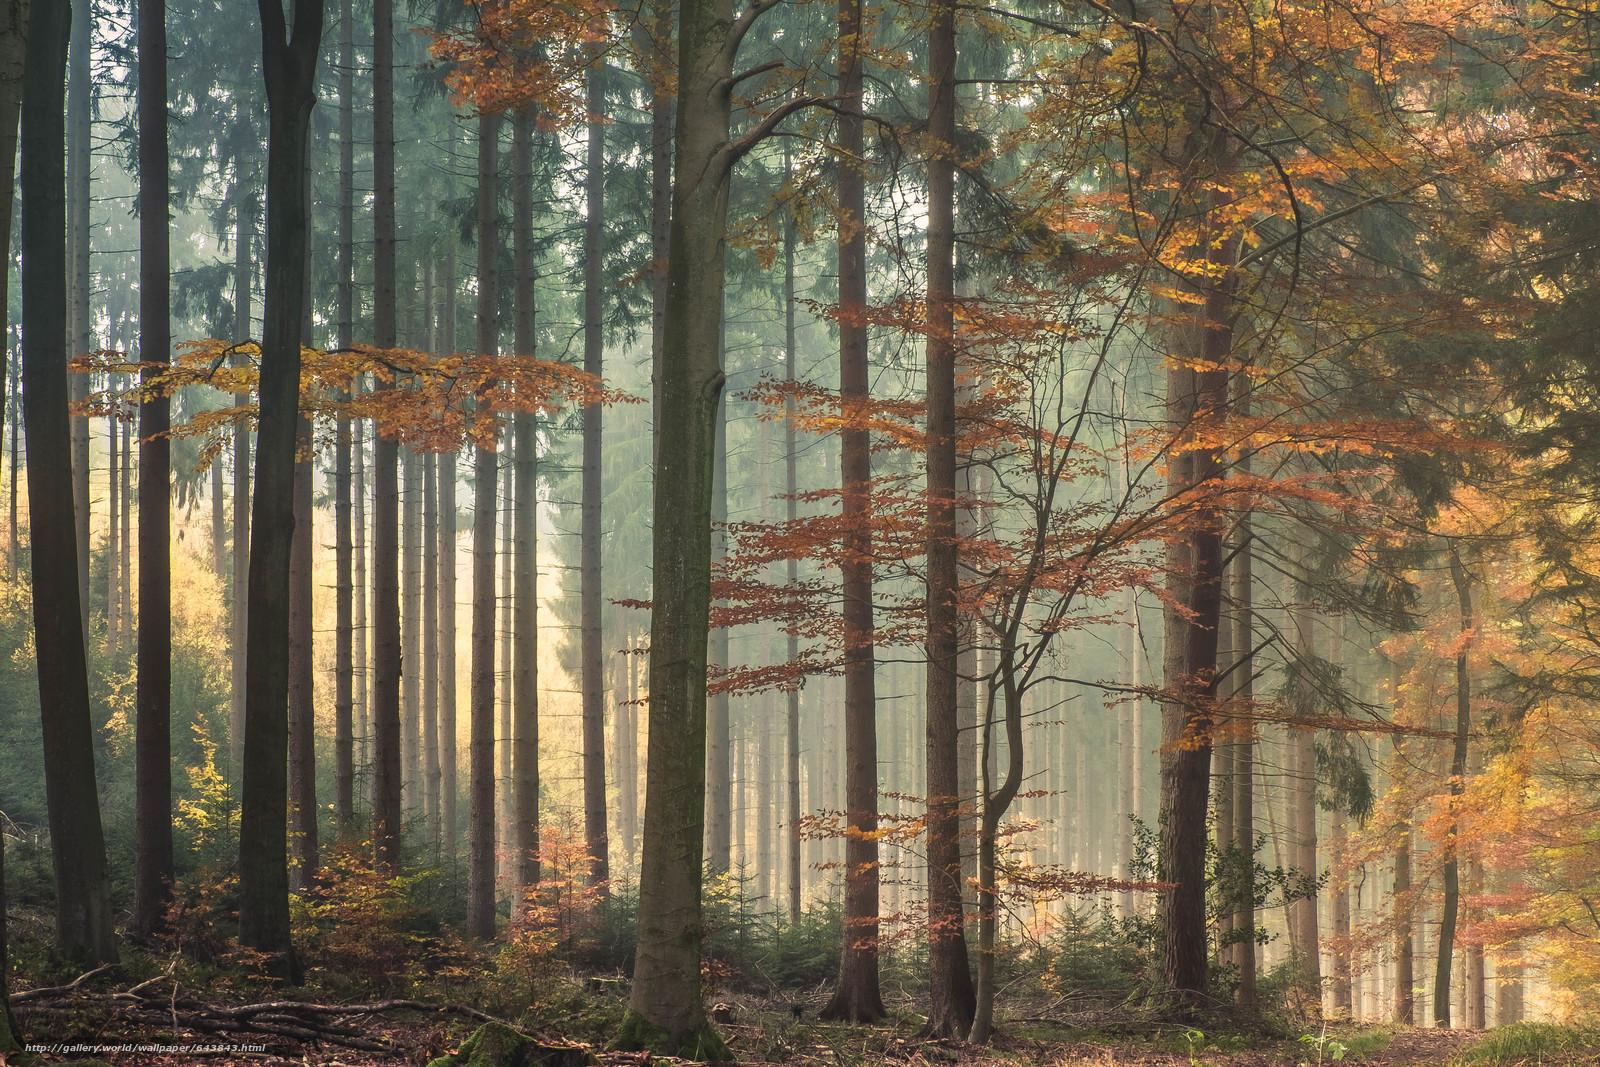 Лес, природа, деревья, кусты, свет, осень, листья